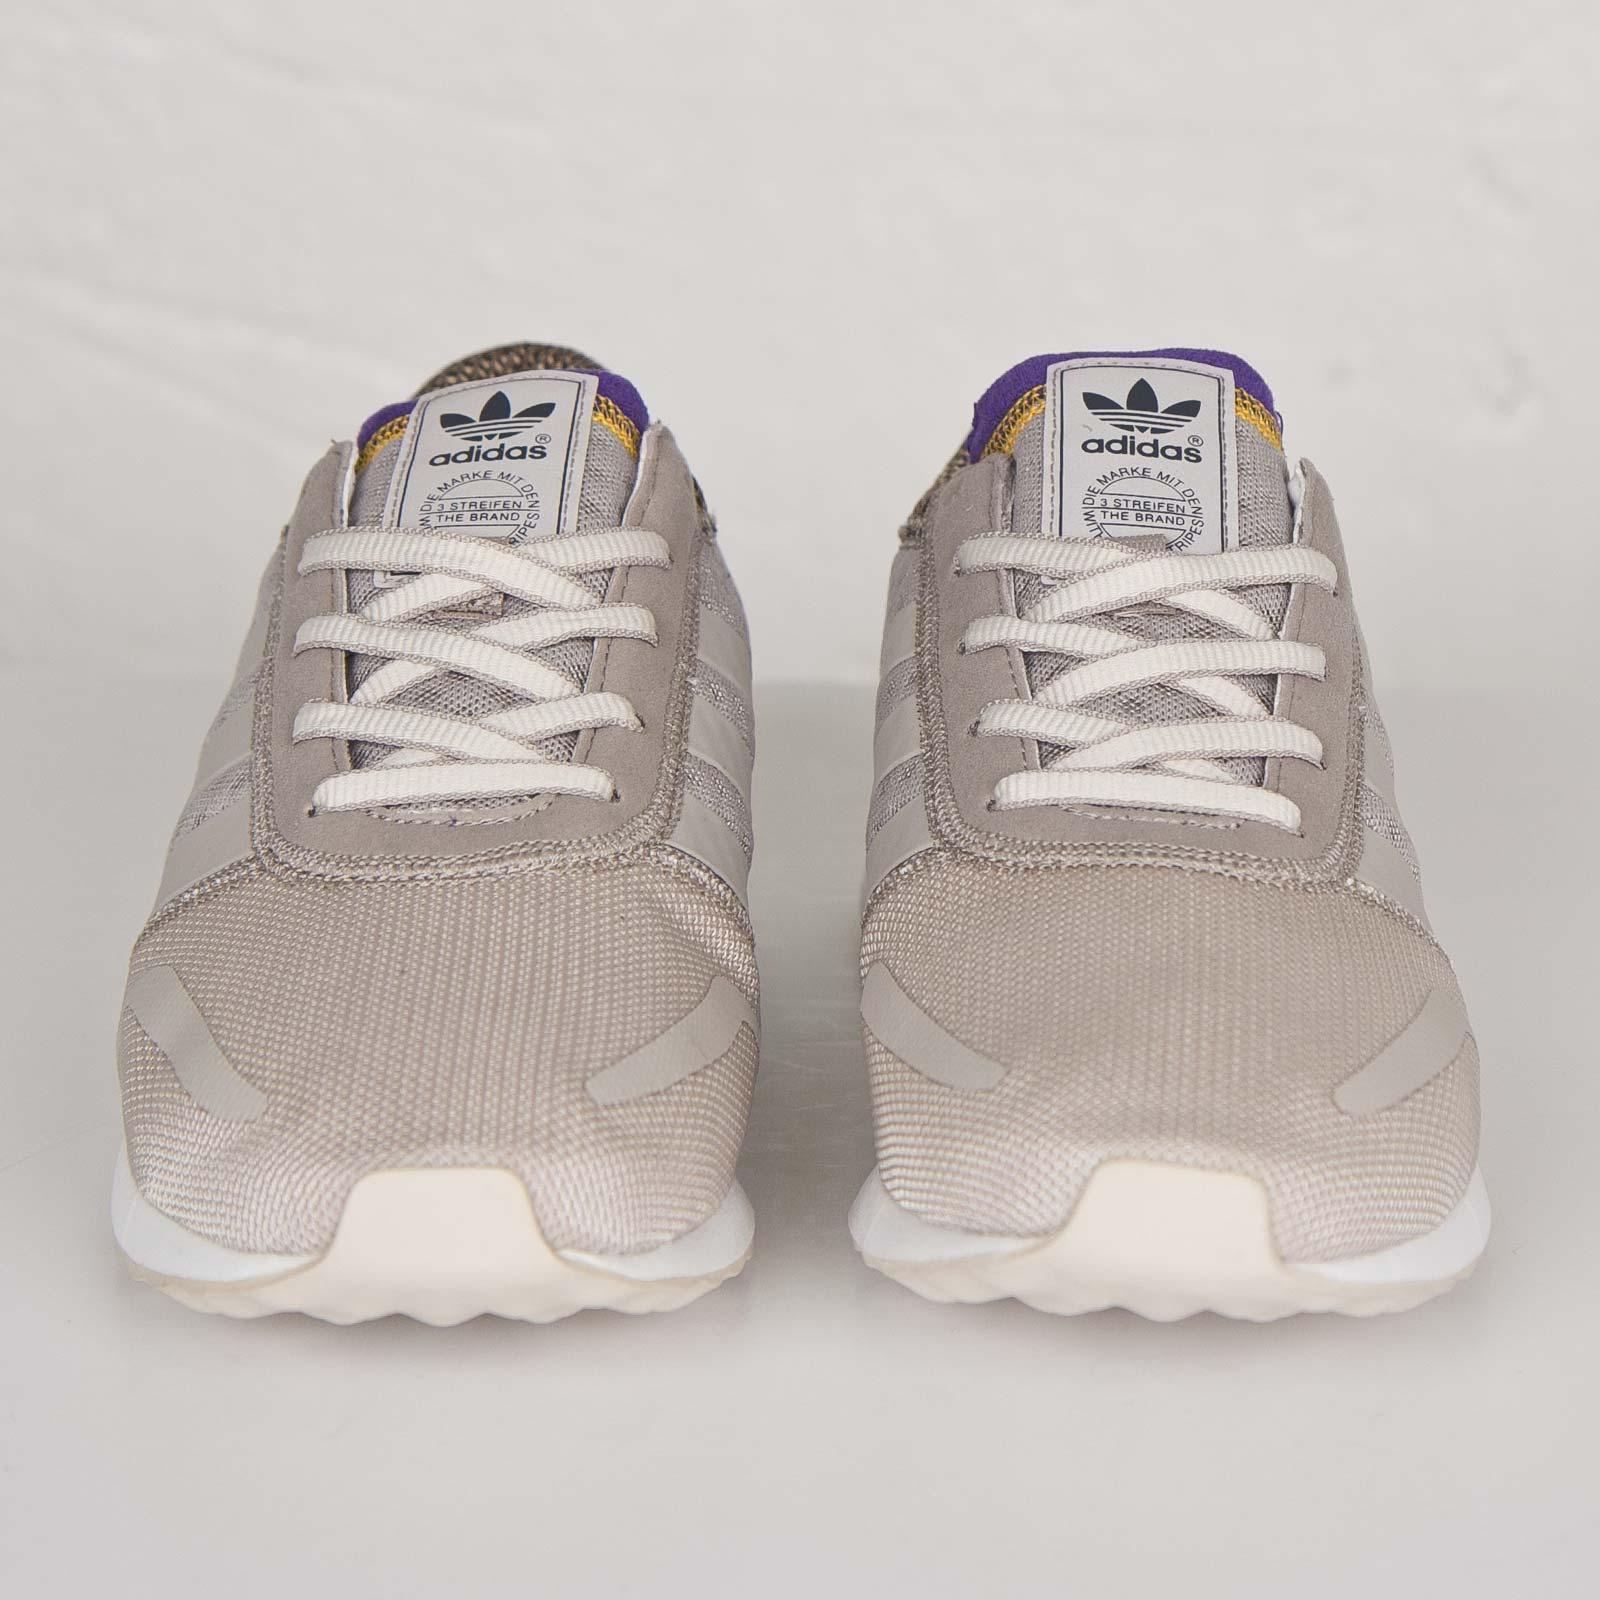 scarpe adidas 3 streifen the brand